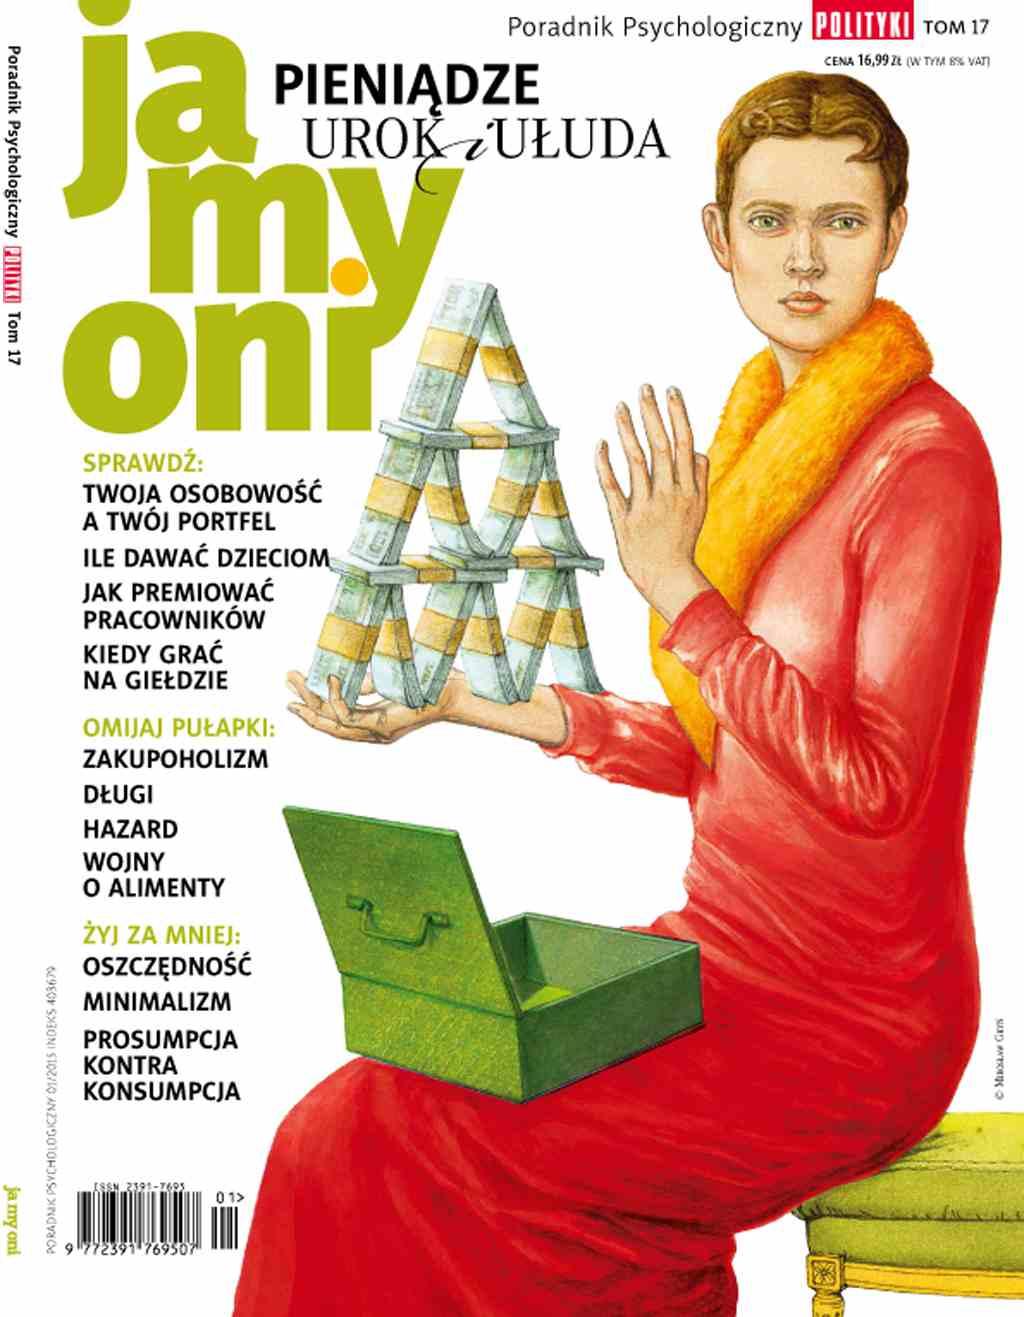 Poradnik Psychologiczny: Pieniądze Urok i Ułuda - Ebook (Książka PDF) do pobrania w formacie PDF